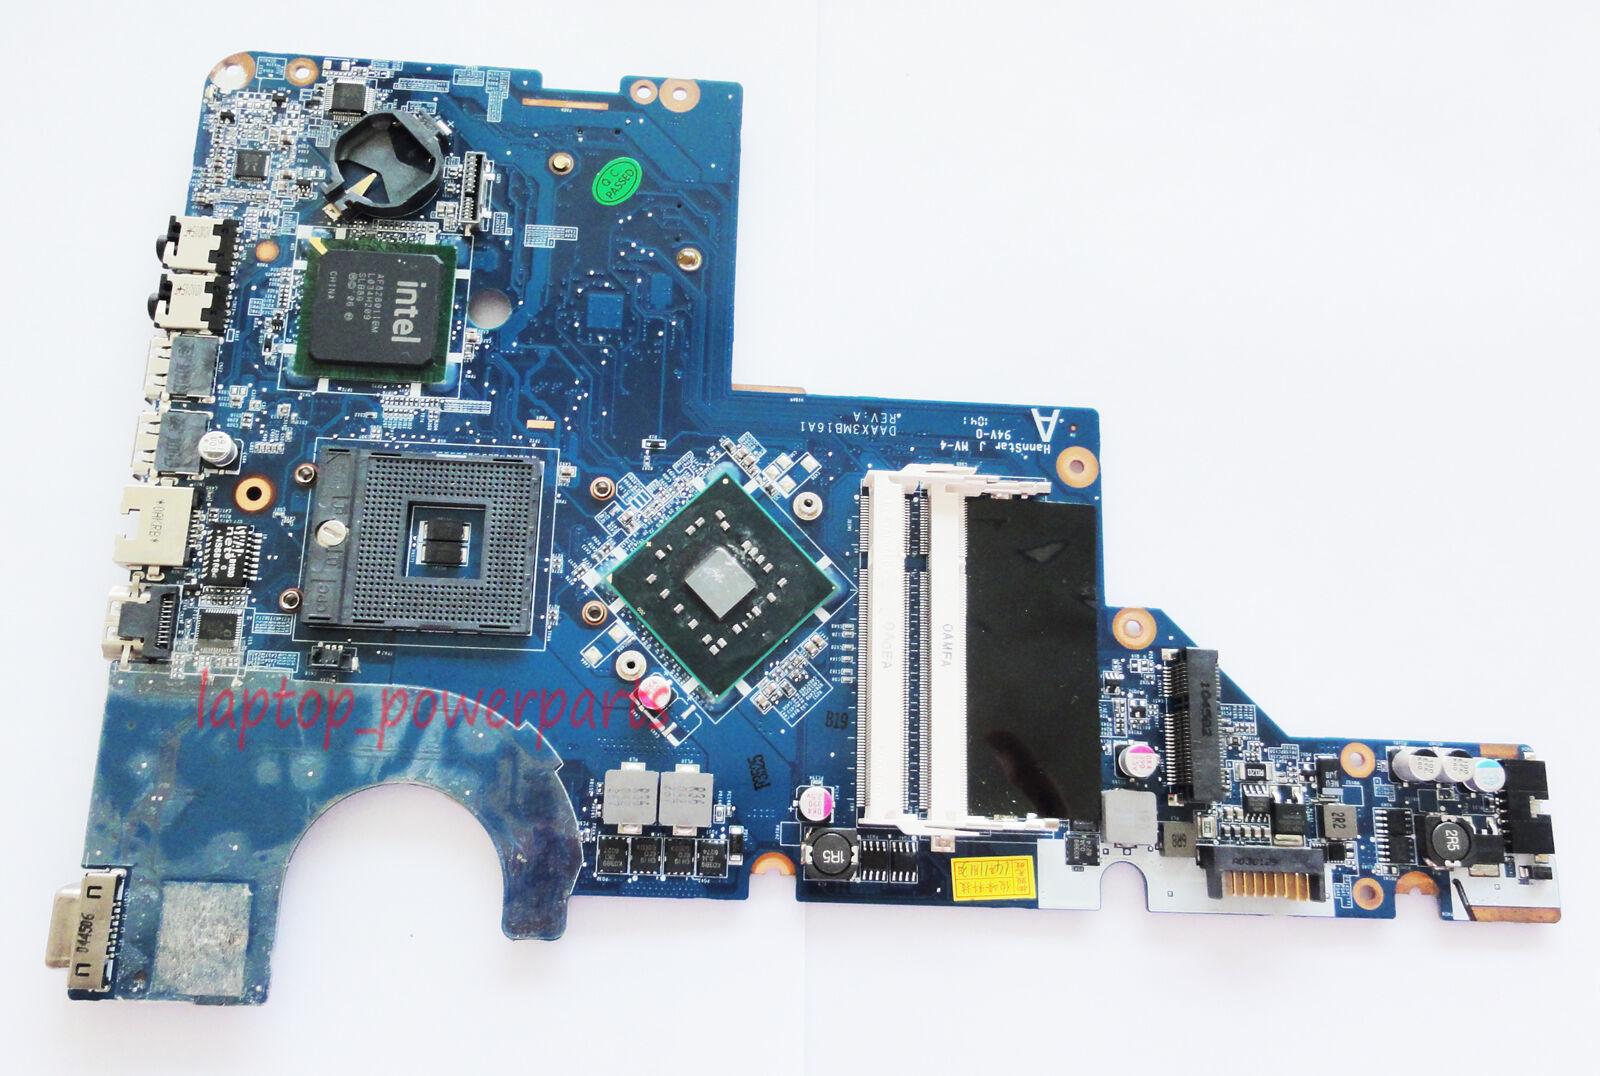 649948-001 AMD S1 Motherboard for HP Pavilion G4 G6 G7 Laptop A DA0R23MB6D1